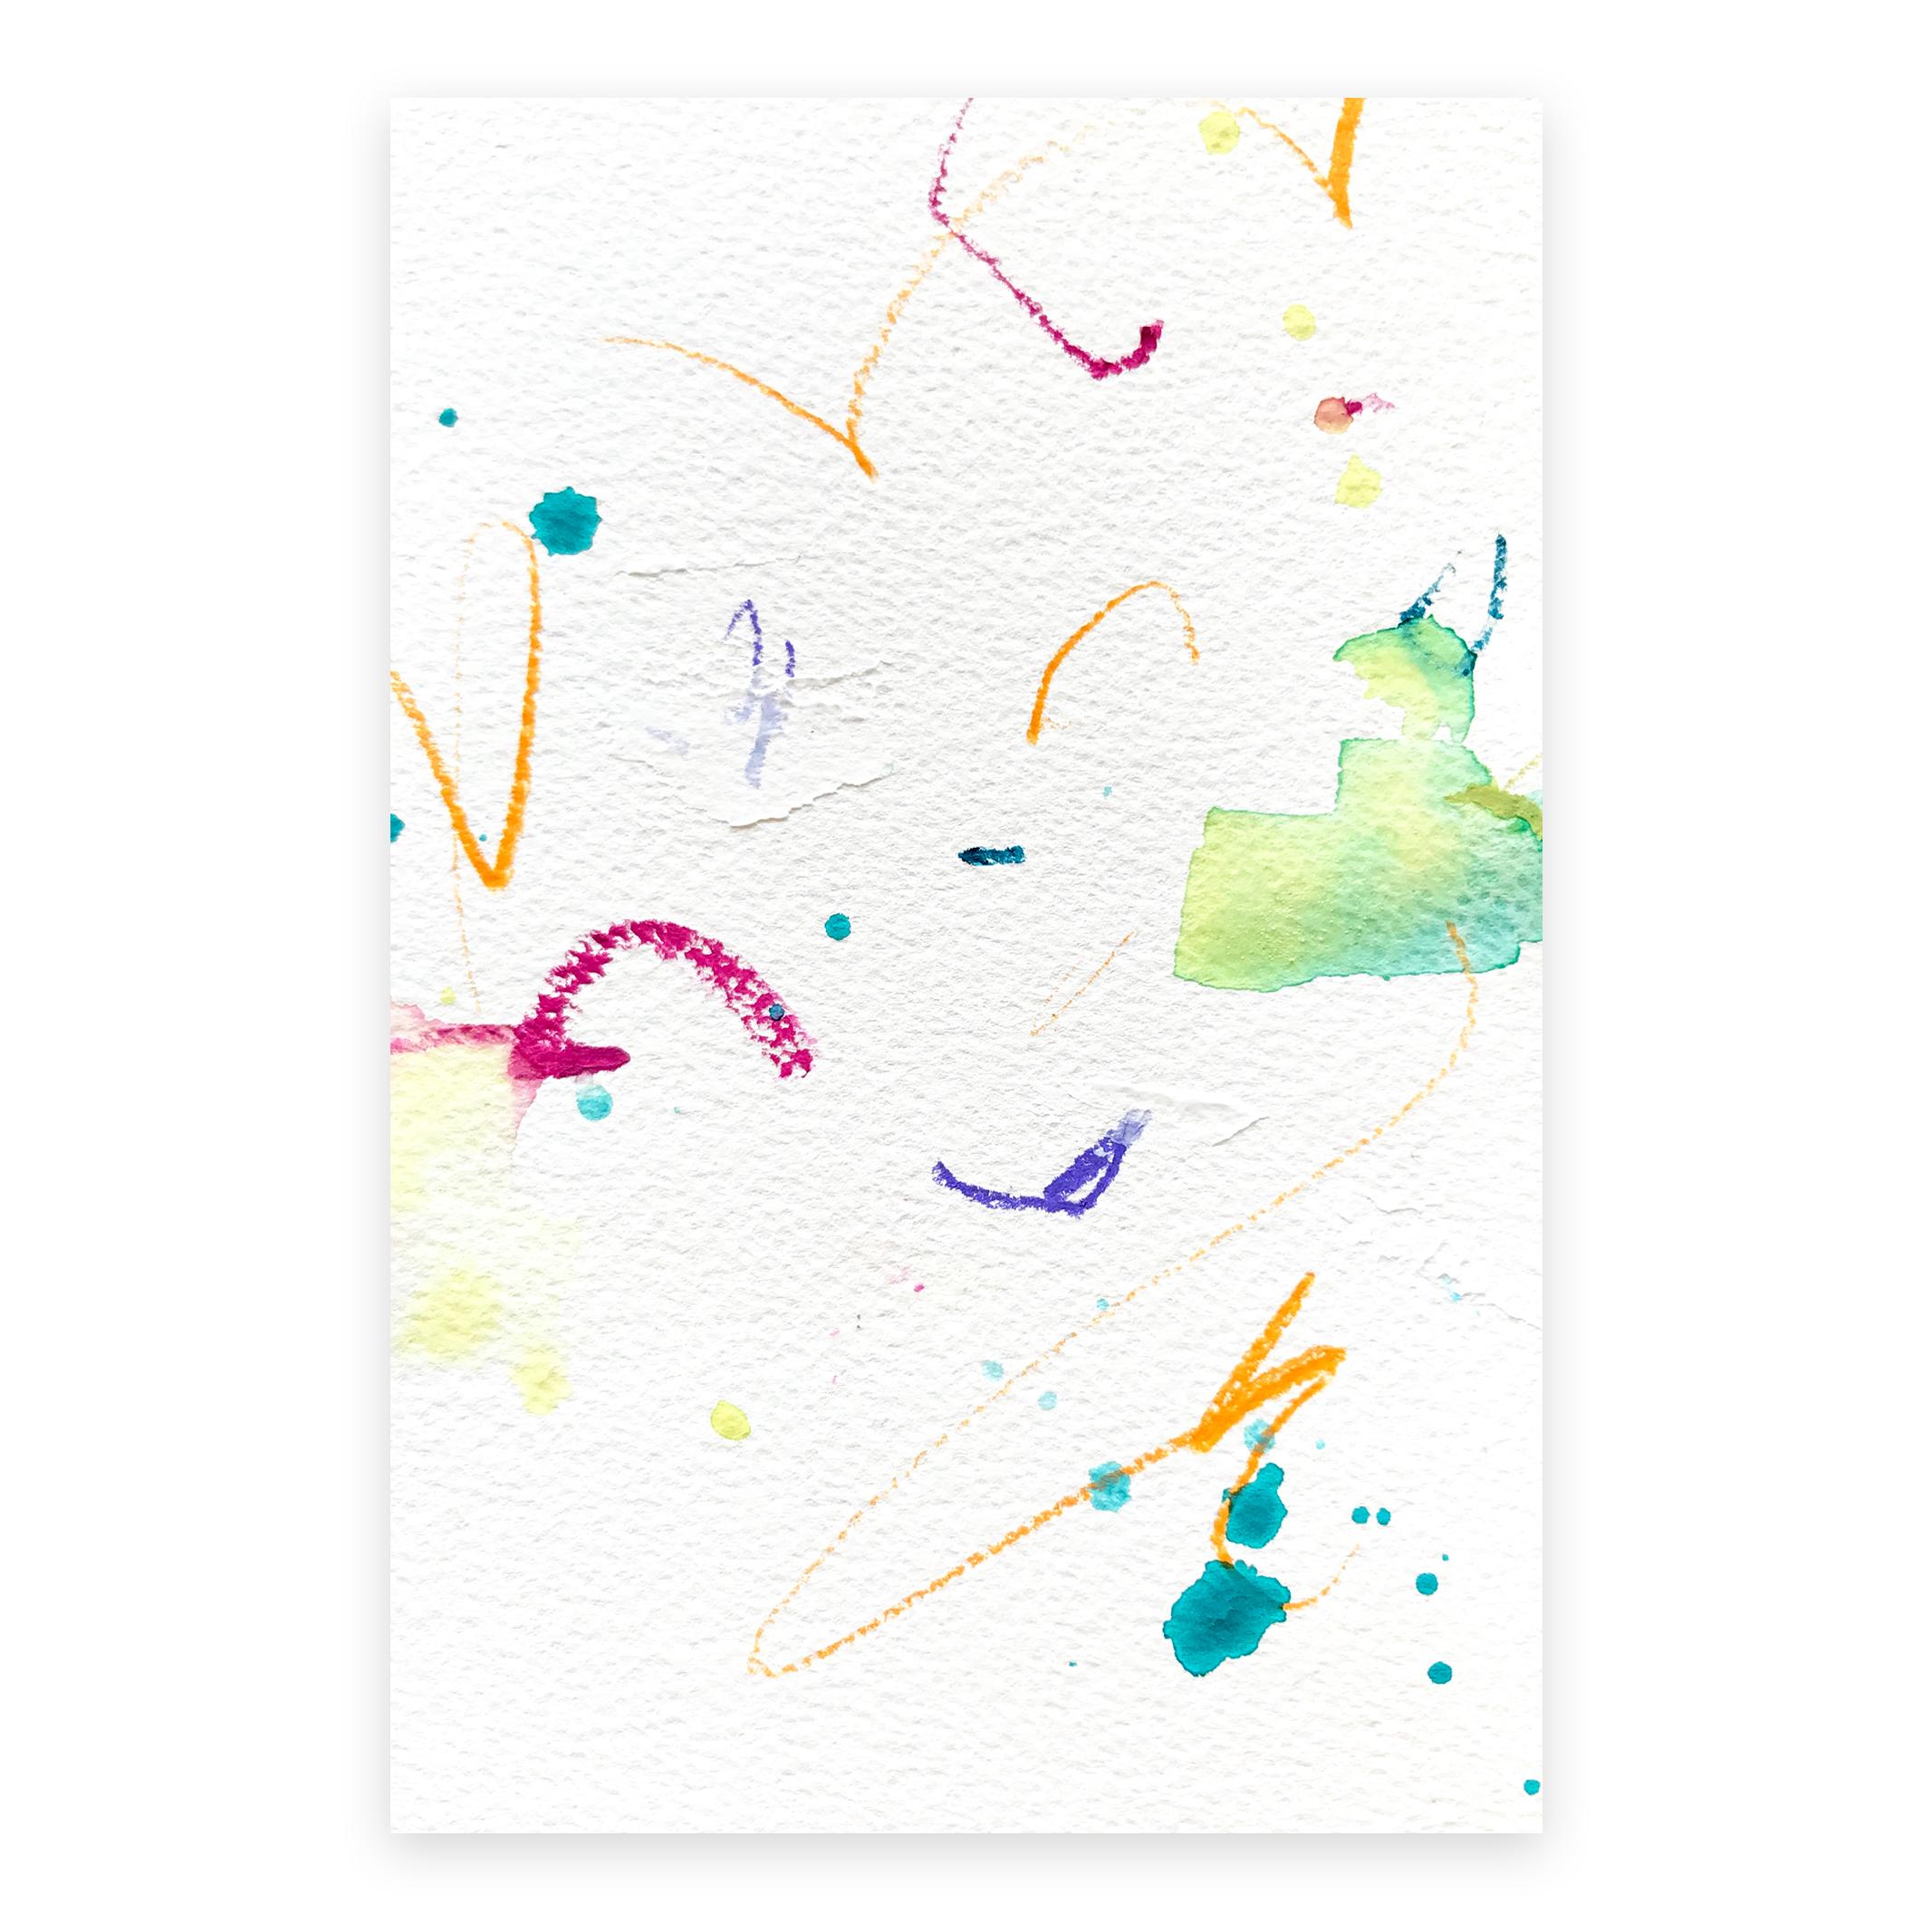 dd_oct22181  Mixed media on paper 14.8×10cm